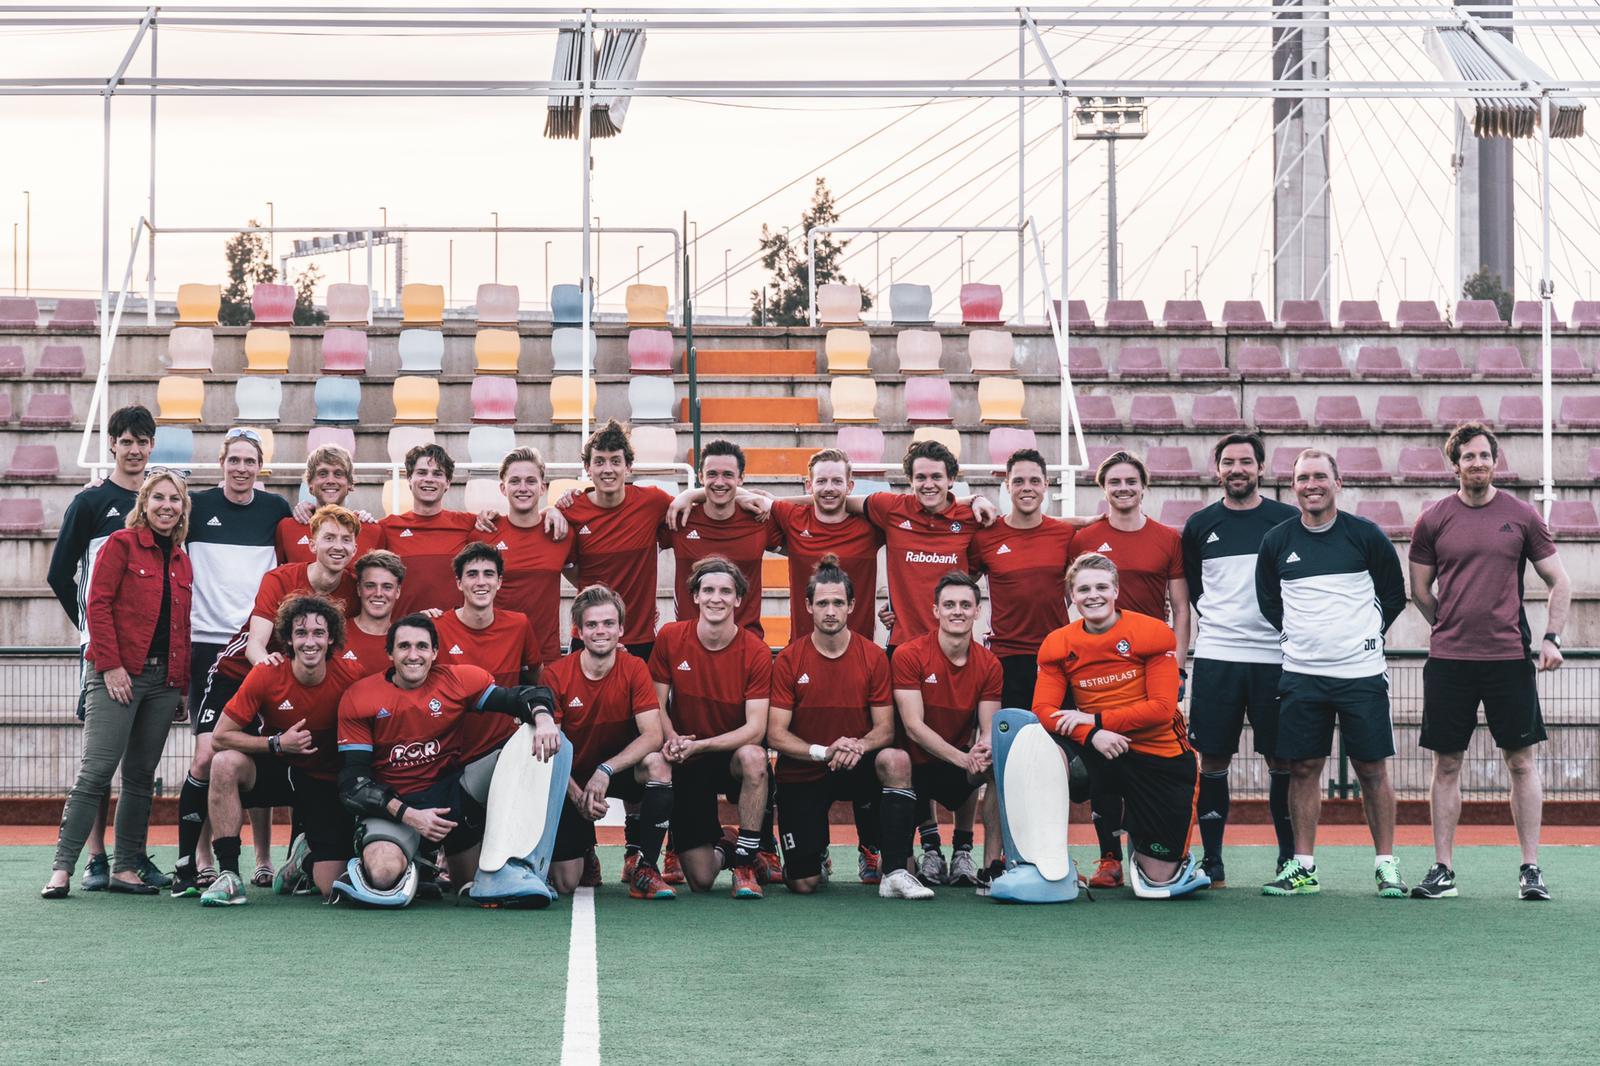 Hockeyclub Tilburg vecht met de heren tegen degradatie